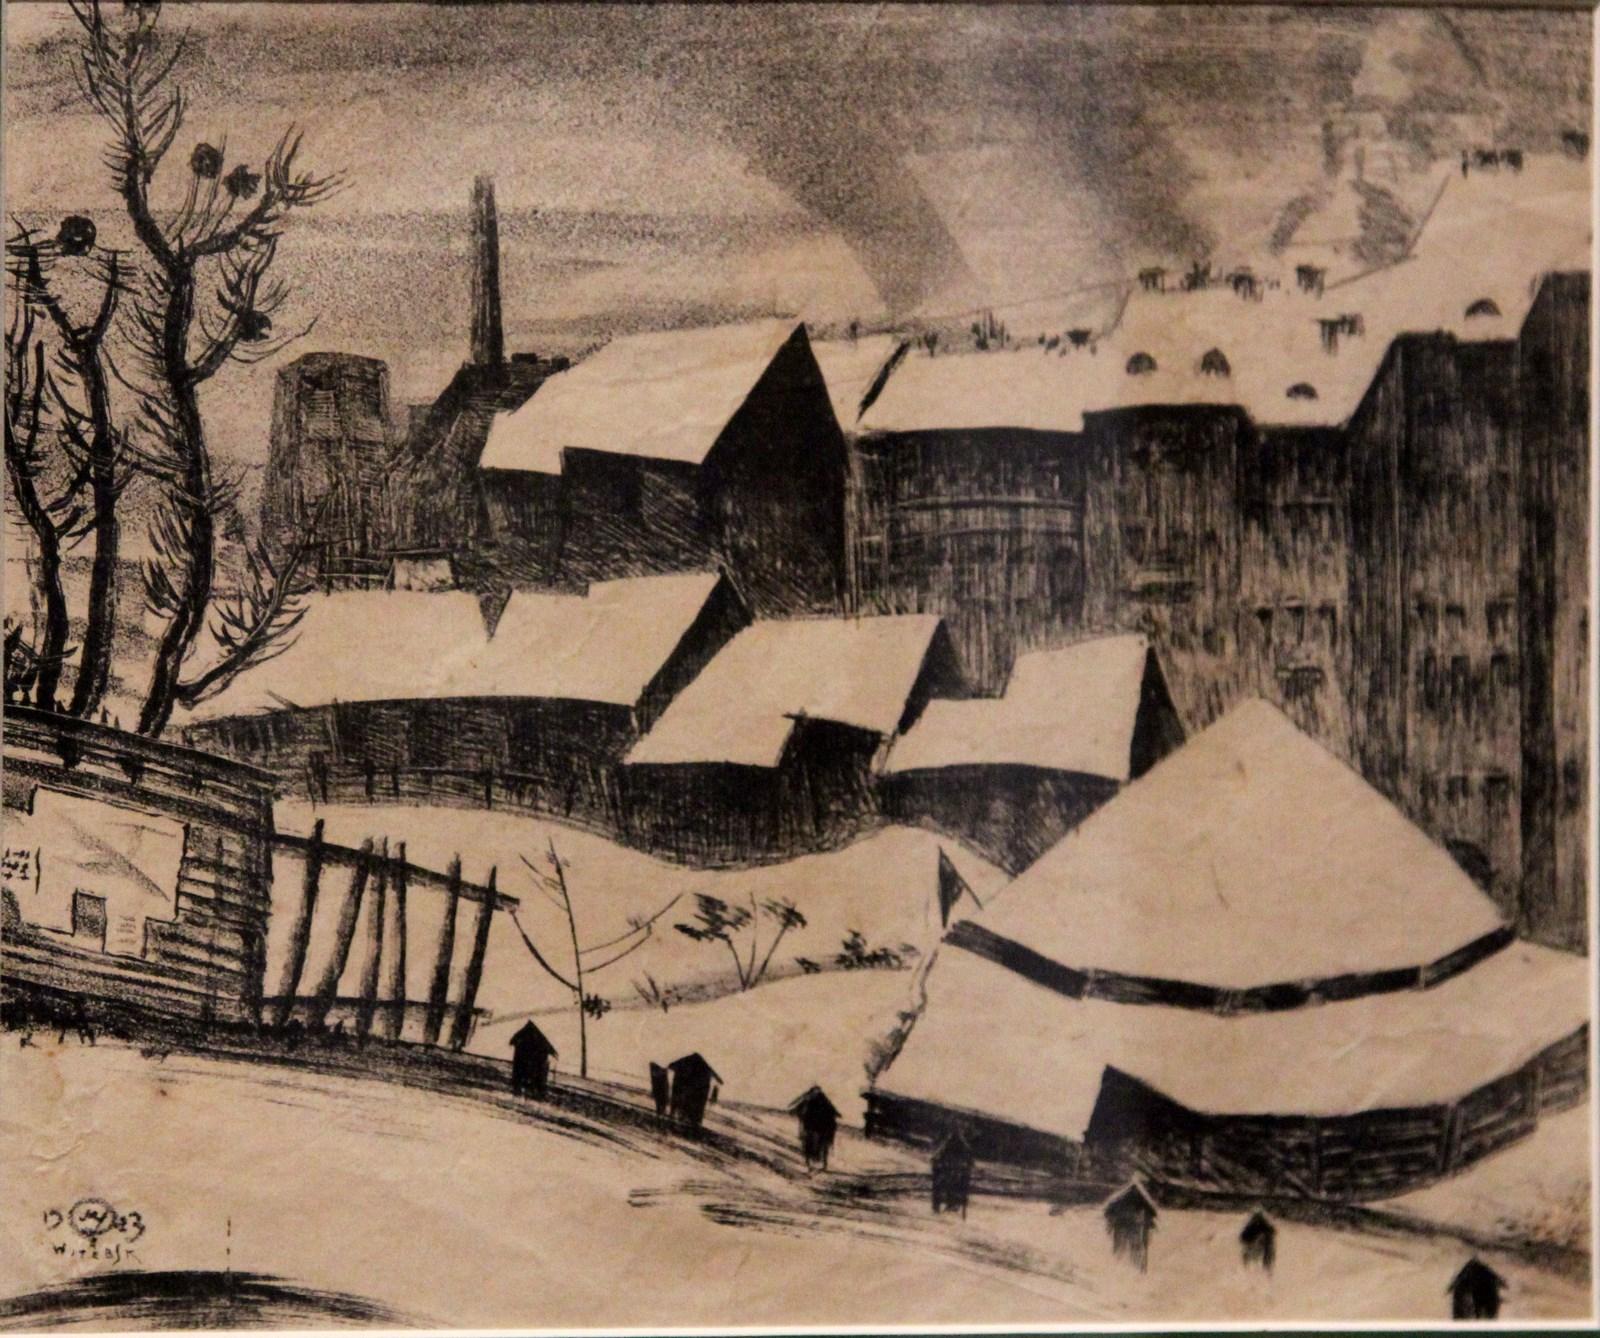 Добужинский М.В. 1875-1957 Витебск. Цирк. 1923 Бумага, литография Из частной коллекции (Минск)